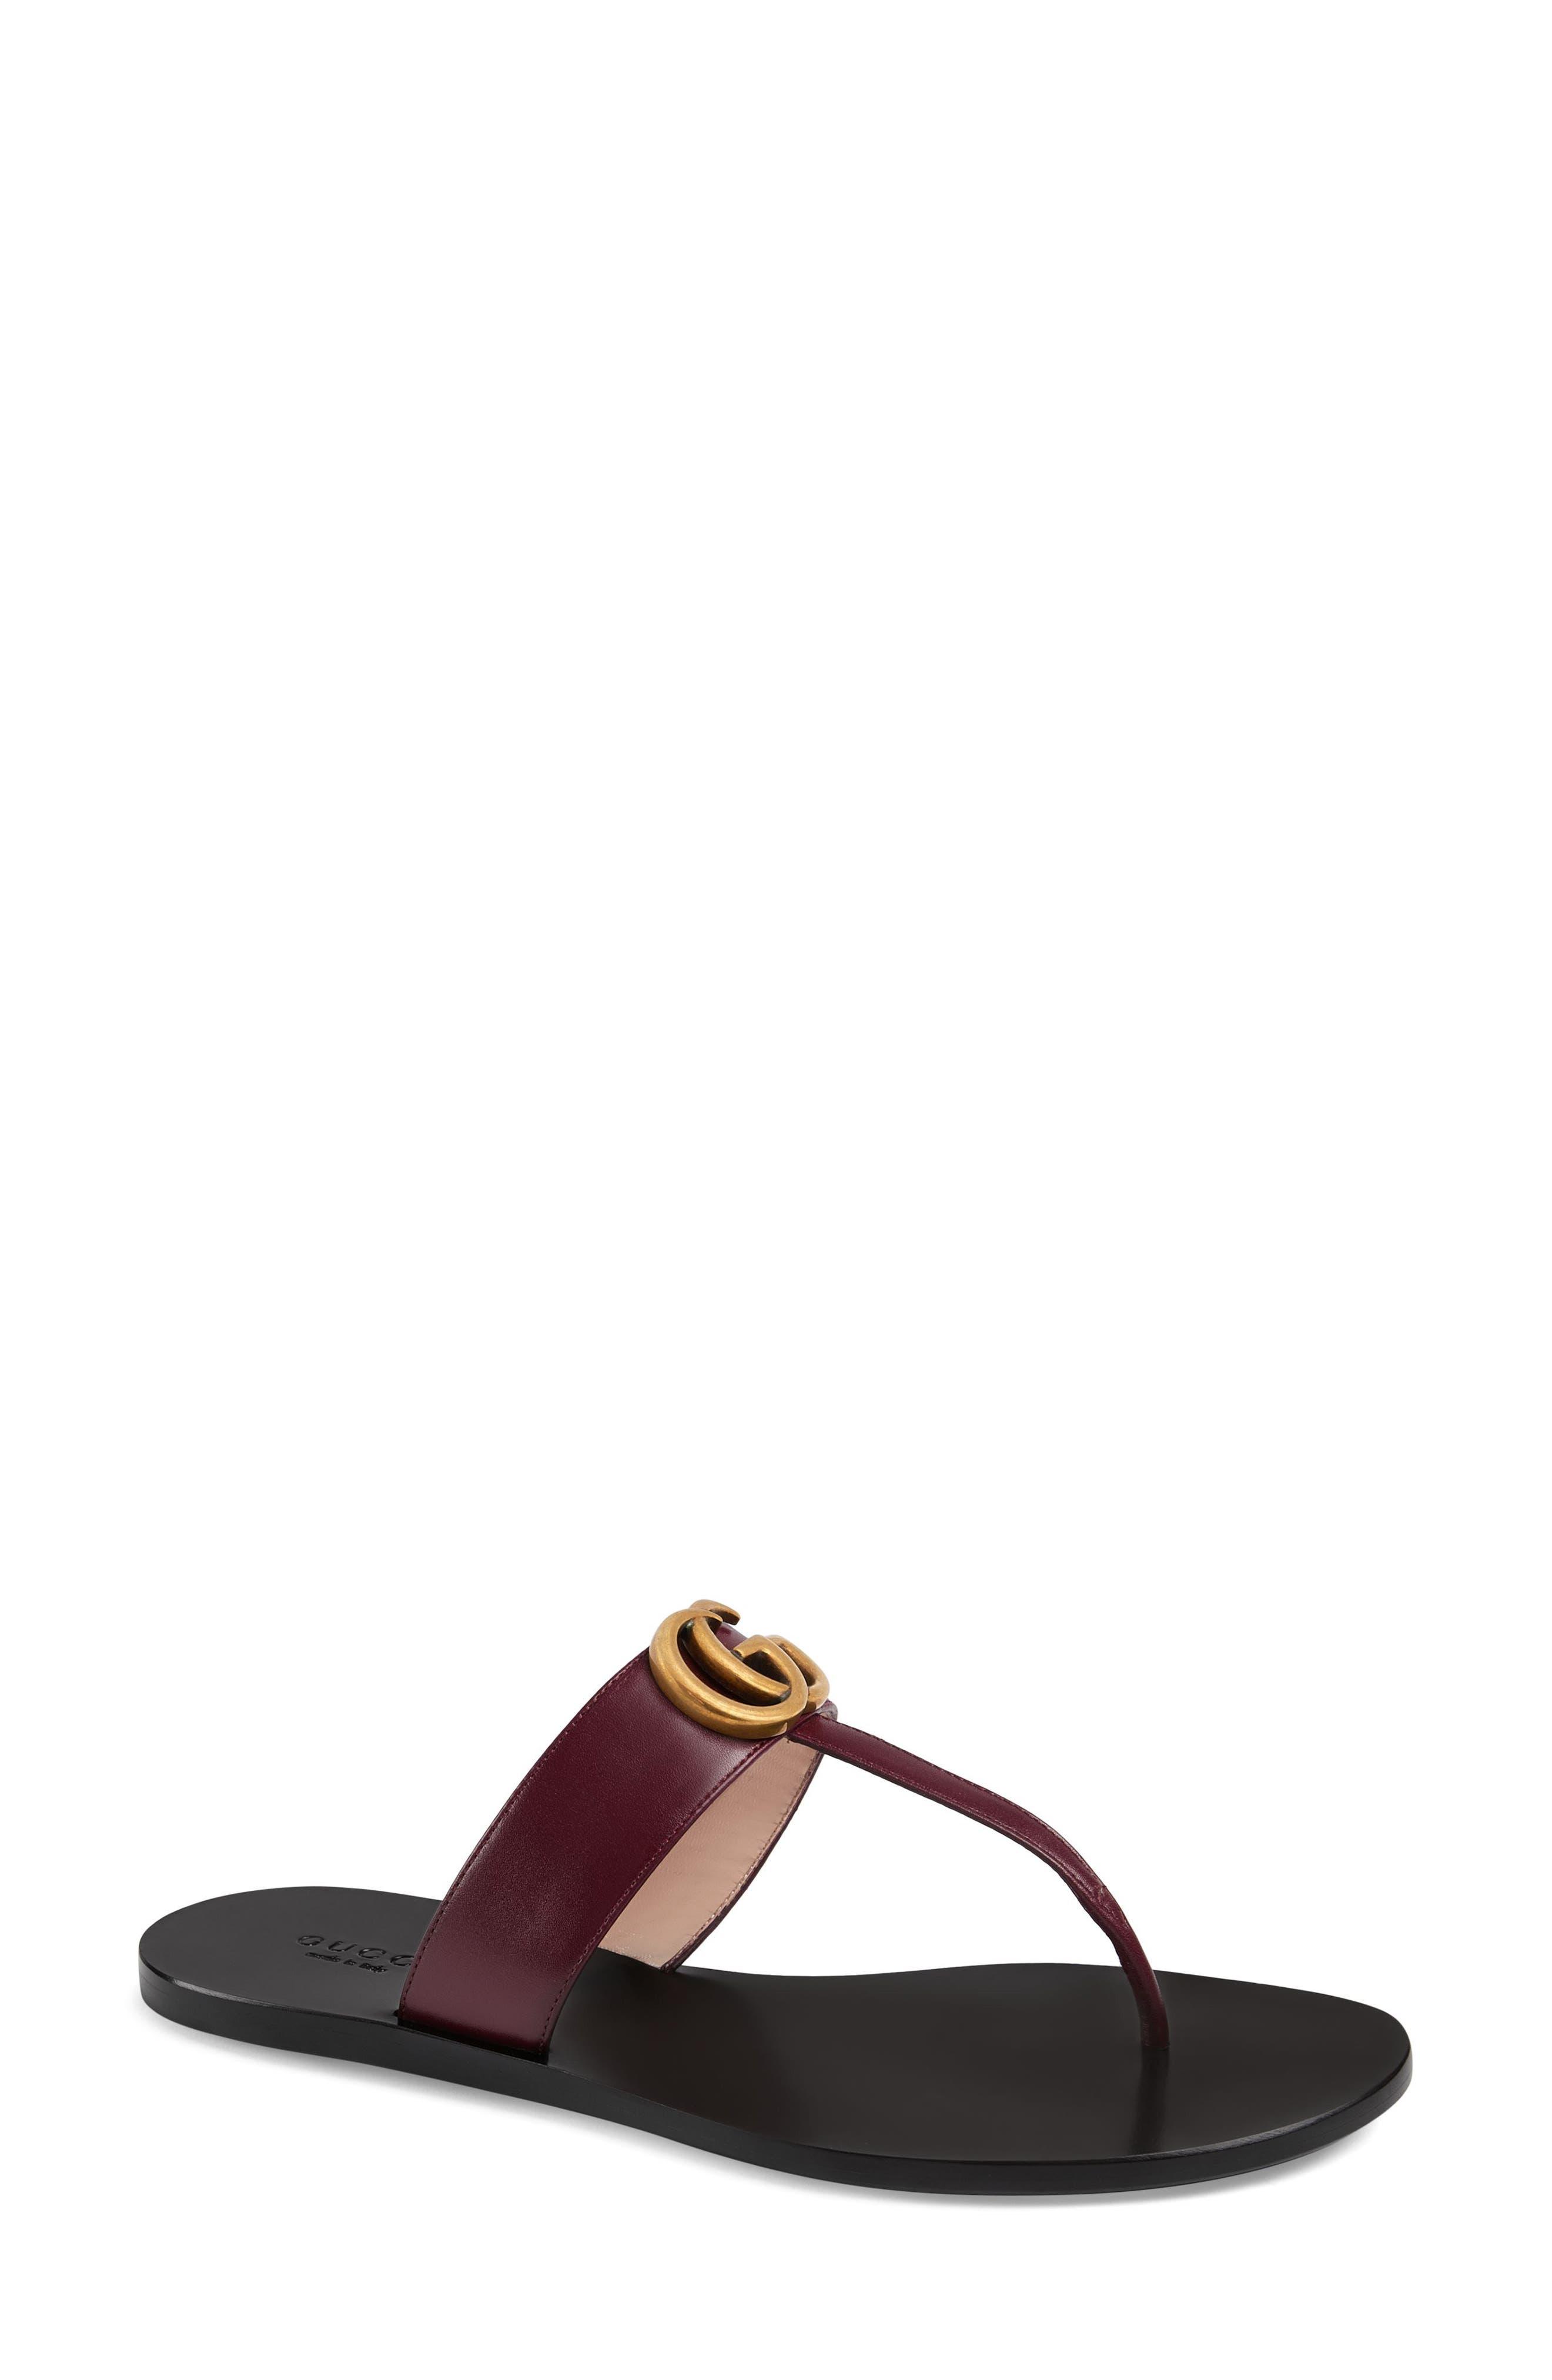 GUCCI, Marmont T-Strap Sandal, Main thumbnail 1, color, VINTAGE BORDEAUX